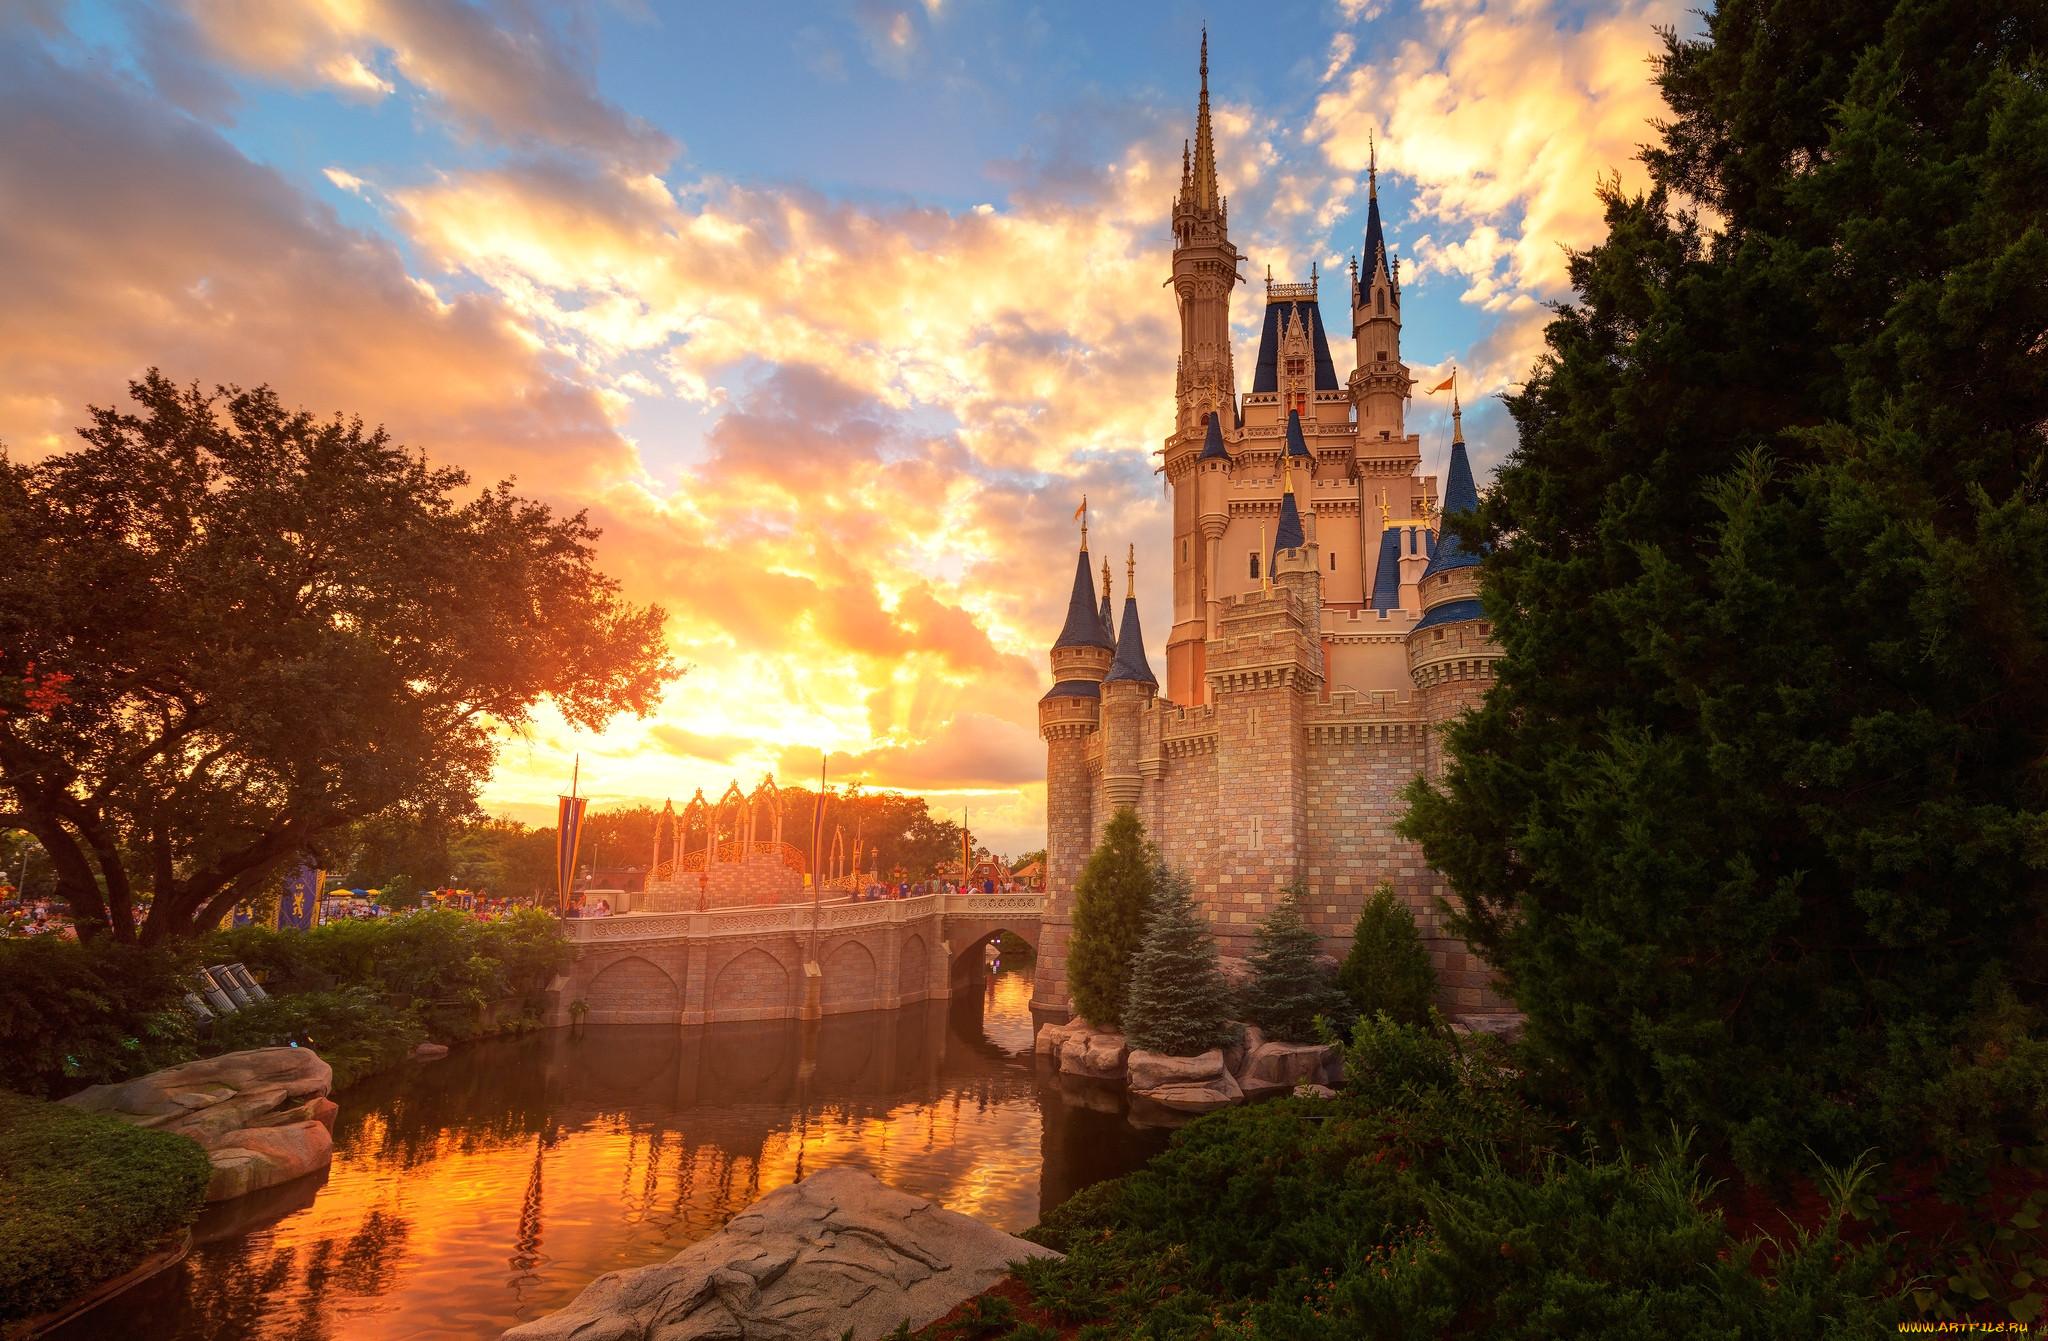 картинки замков королевств основном